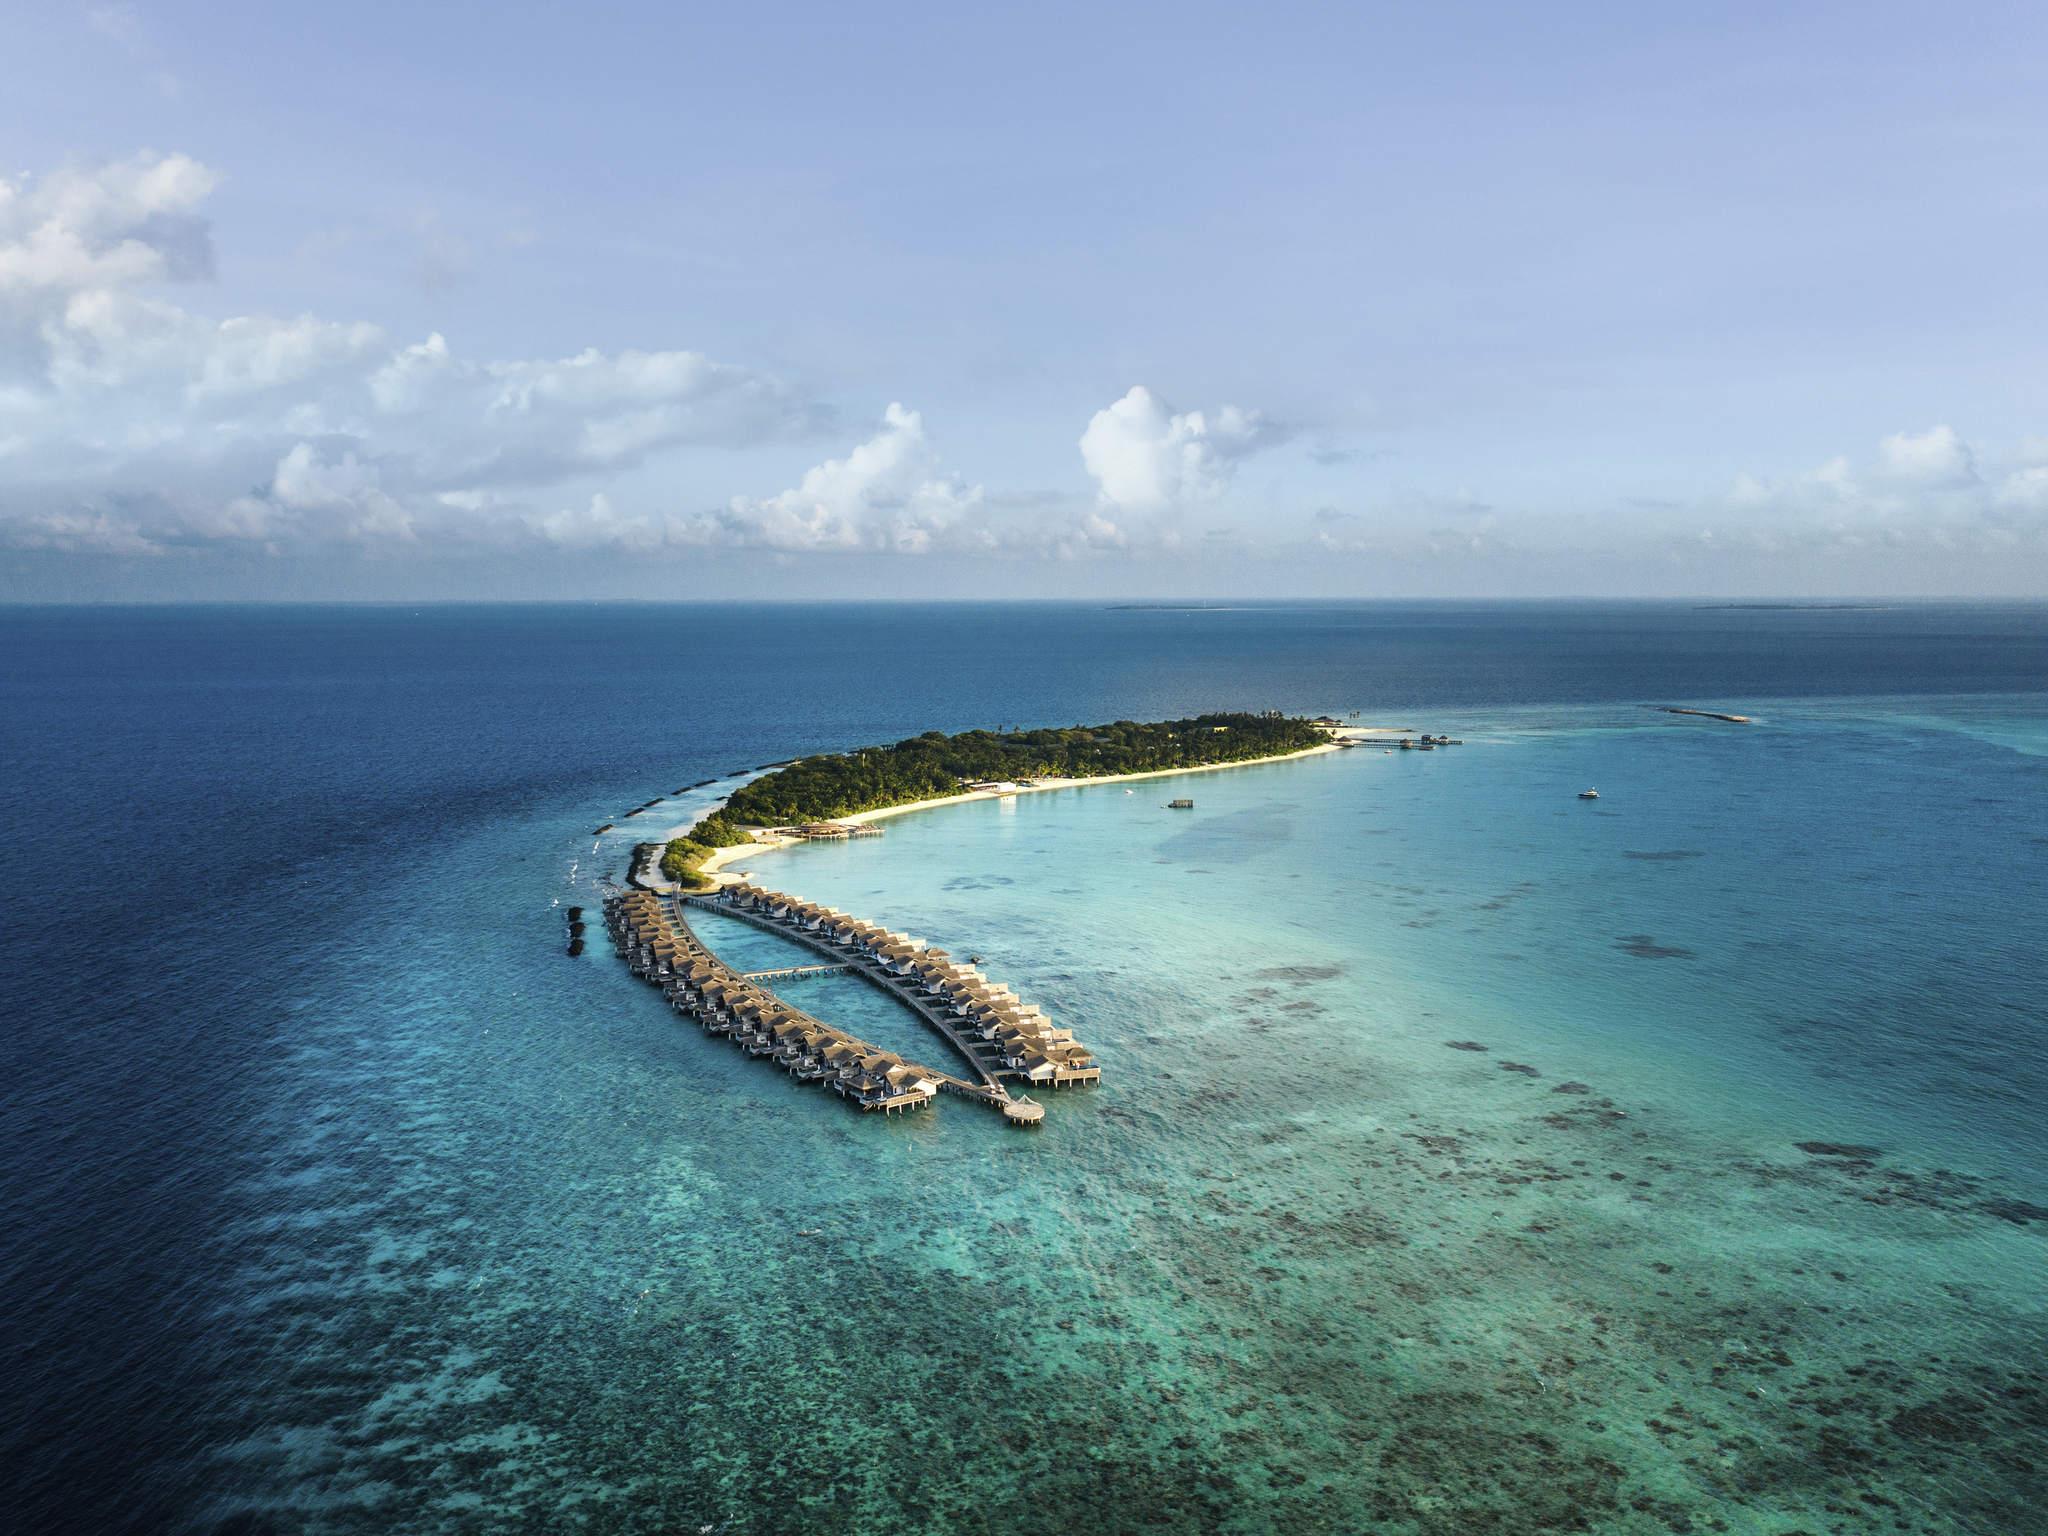 Hotel – Fairmont Maldives - Sirru Fen Fushi